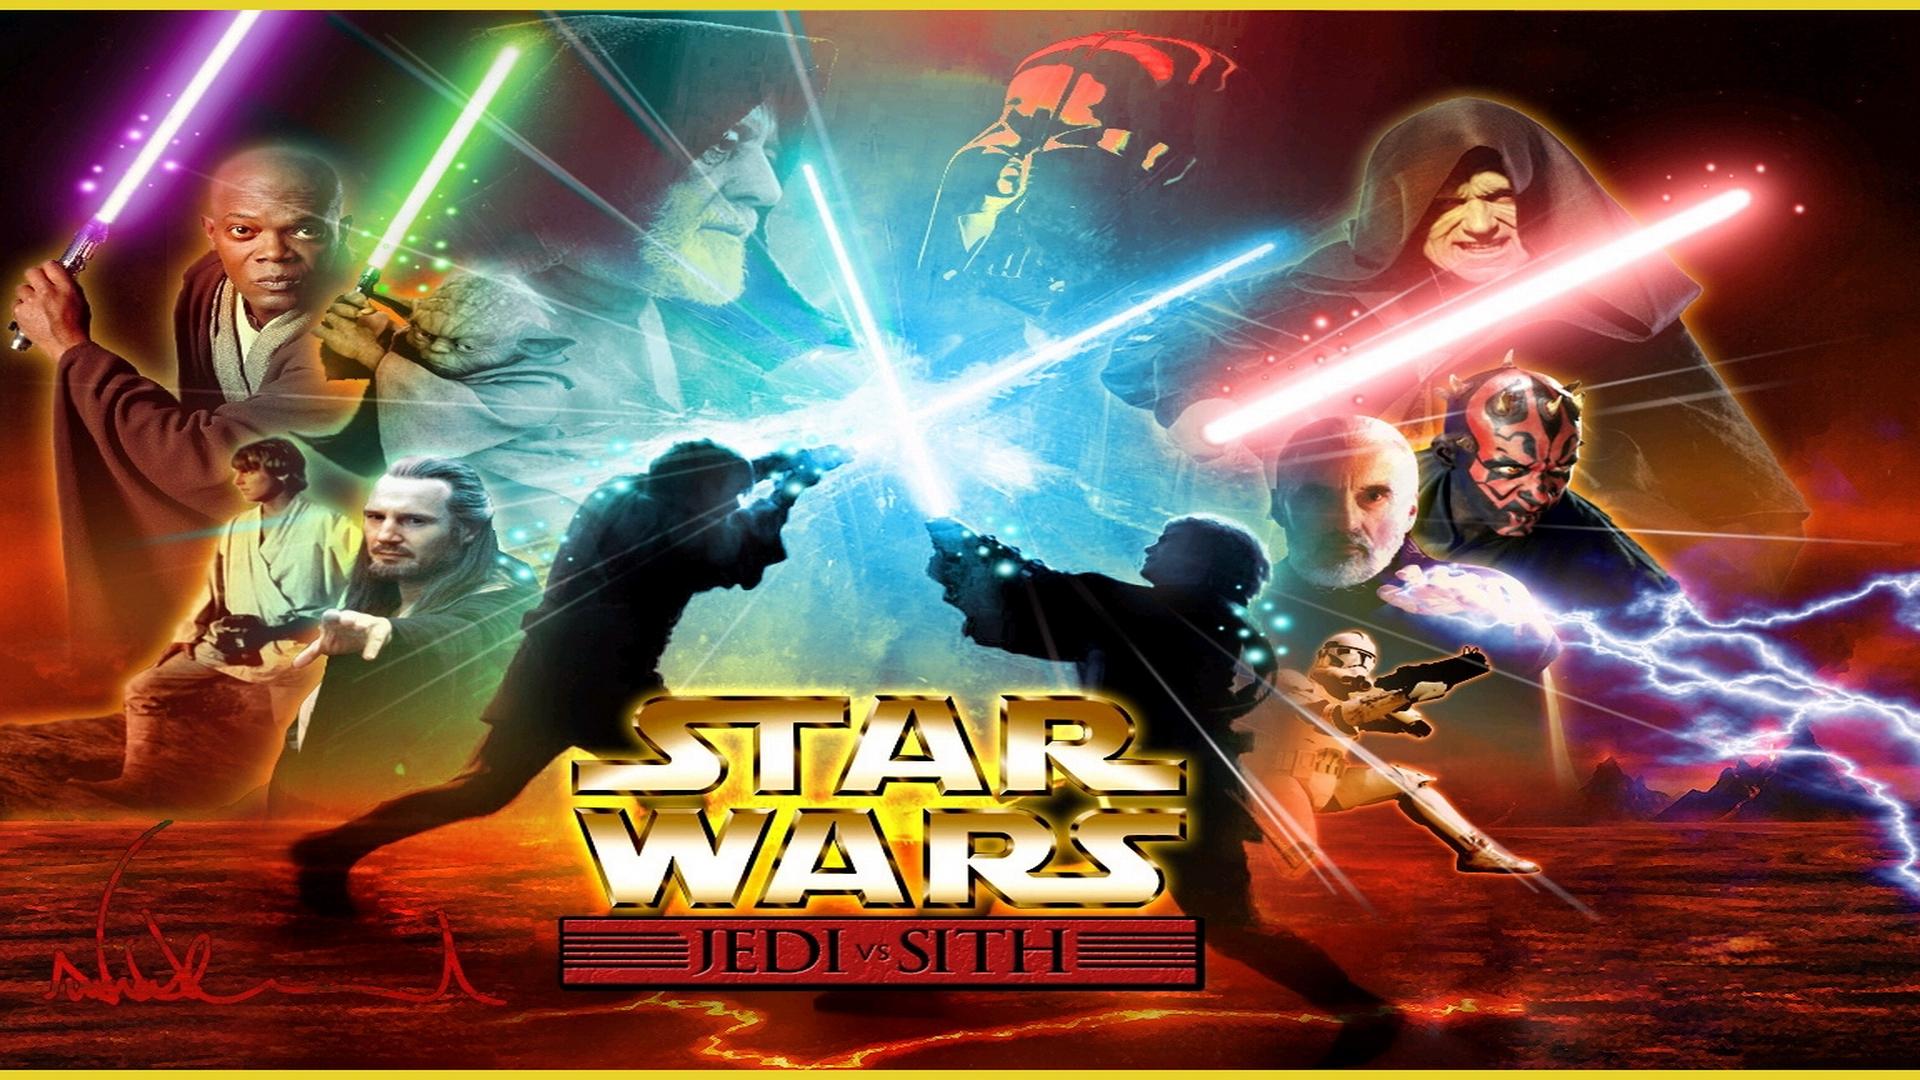 Star Wars Darth Revan Vs Bastila Shan Wallpapers ...